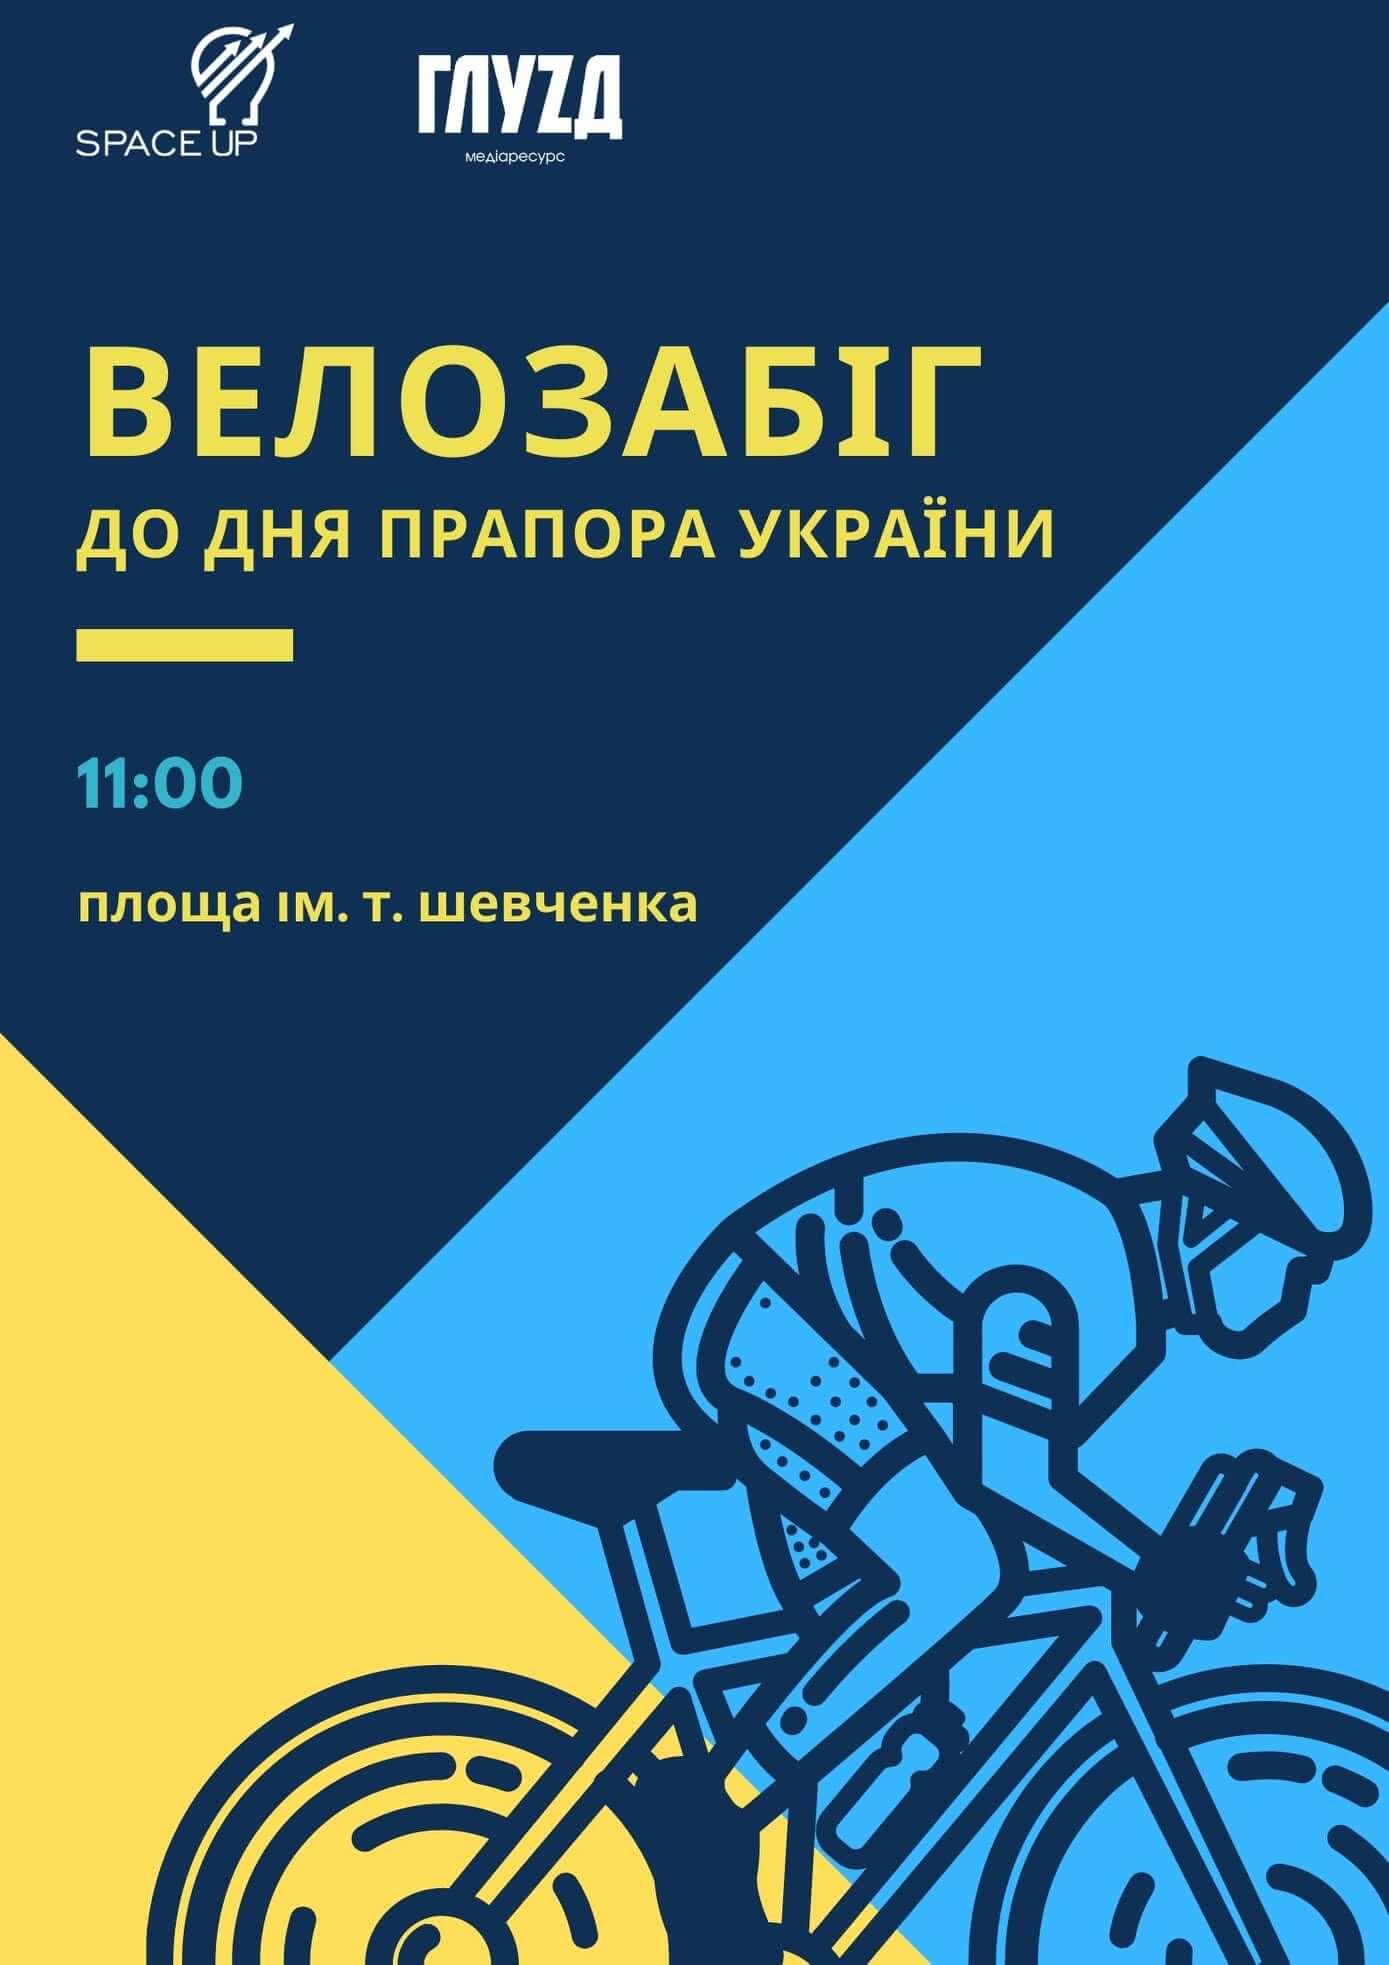 До Дня прапора в Коломиї відбудеться велозабіг